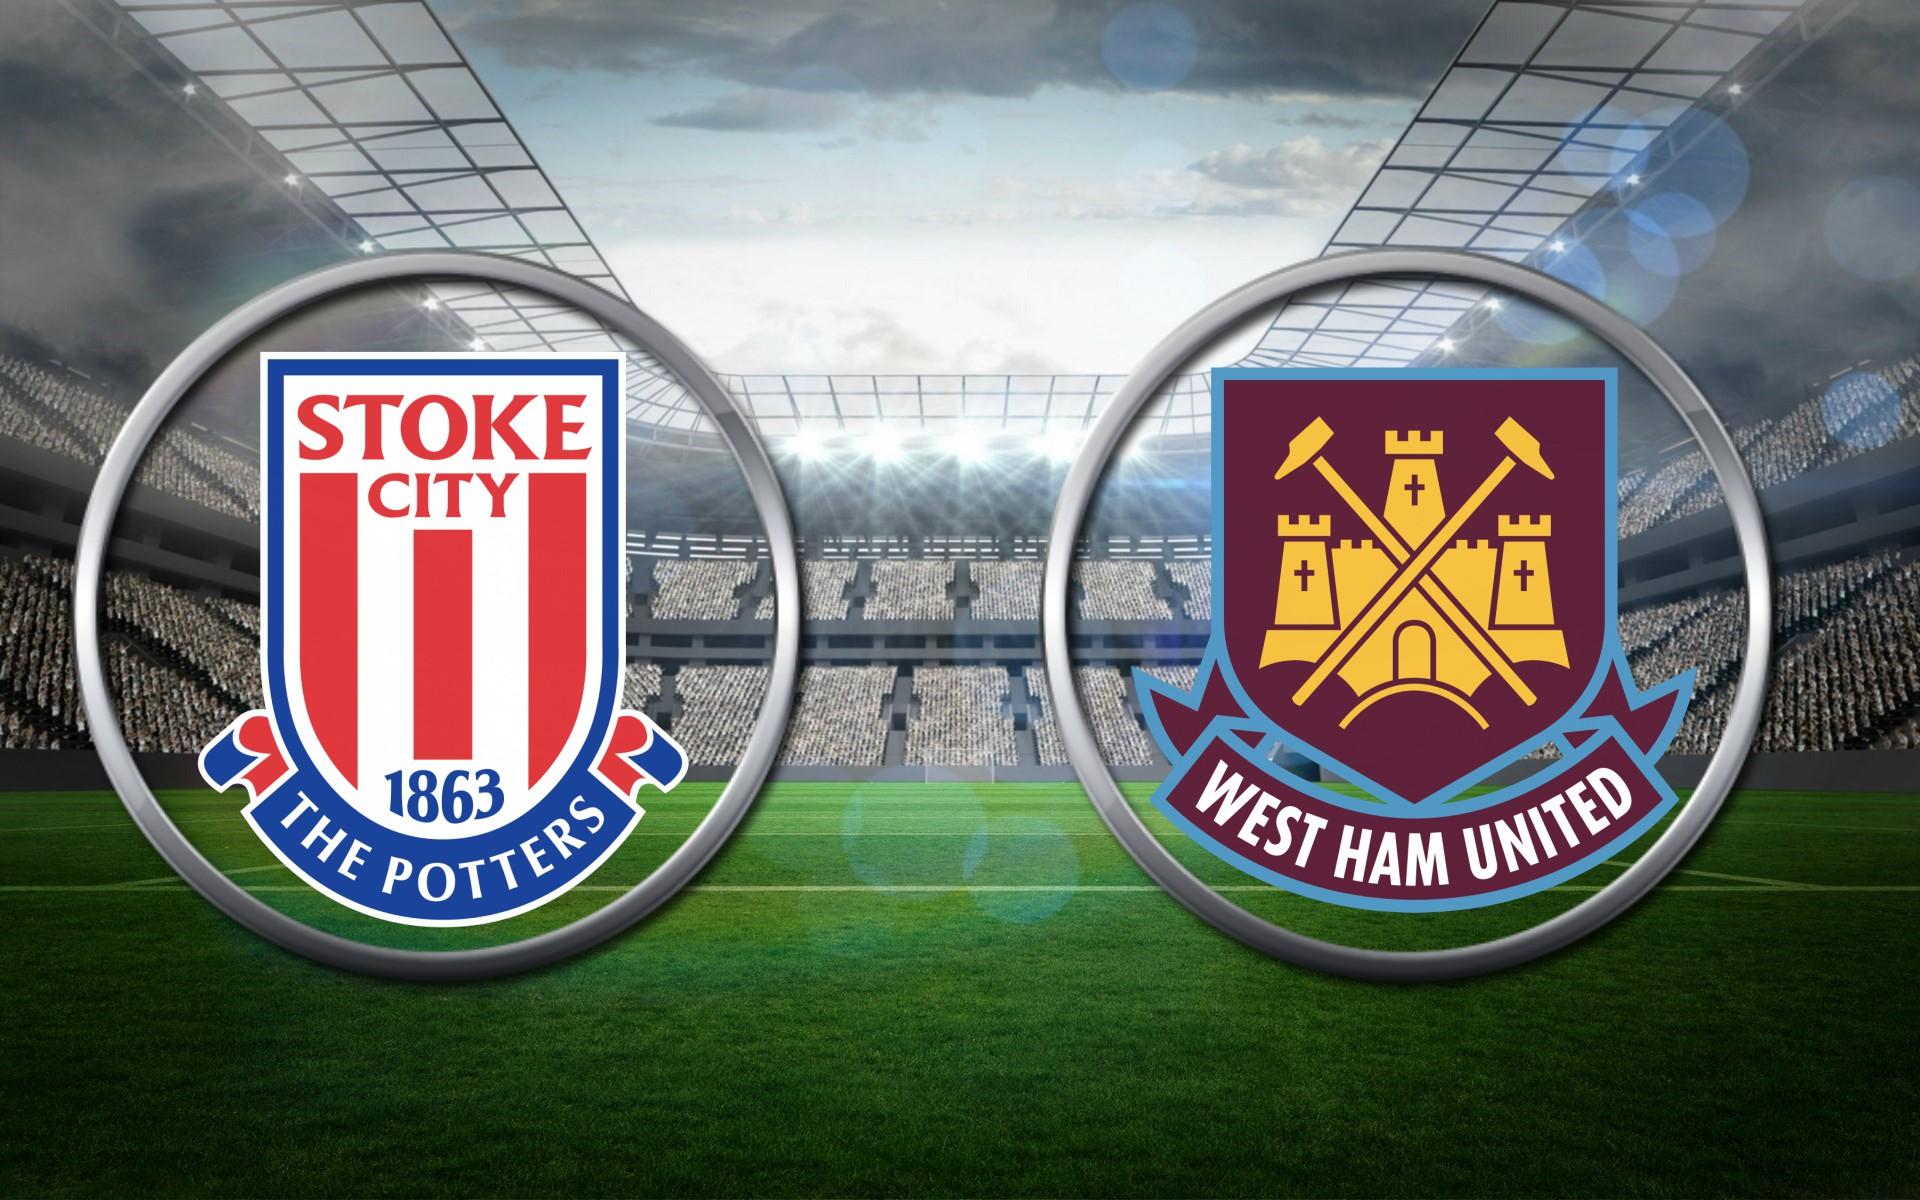 Nhận định Stoke vs West Ham, 22h00 ngày 16/12: Thoát khỏi nguy hiểm